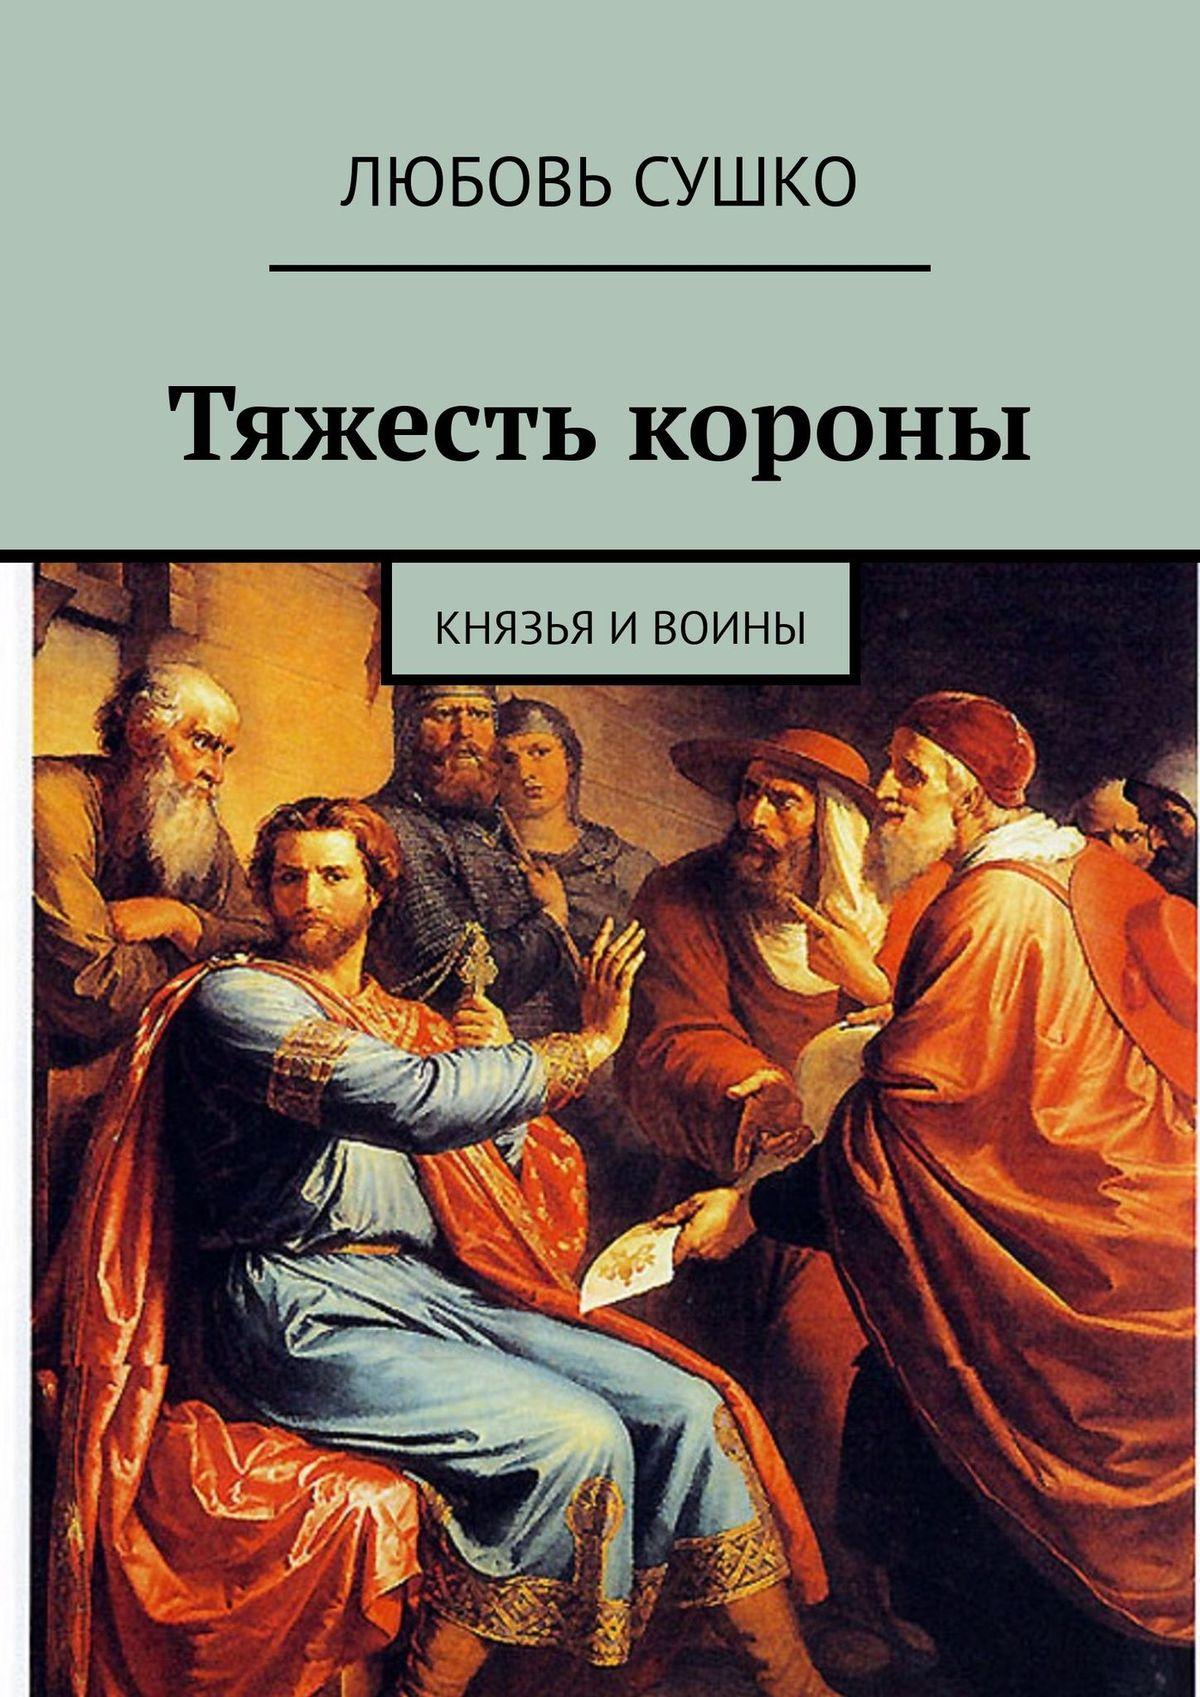 цена на Любовь Николаевна Сушко Тяжесть короны. Князья и воины